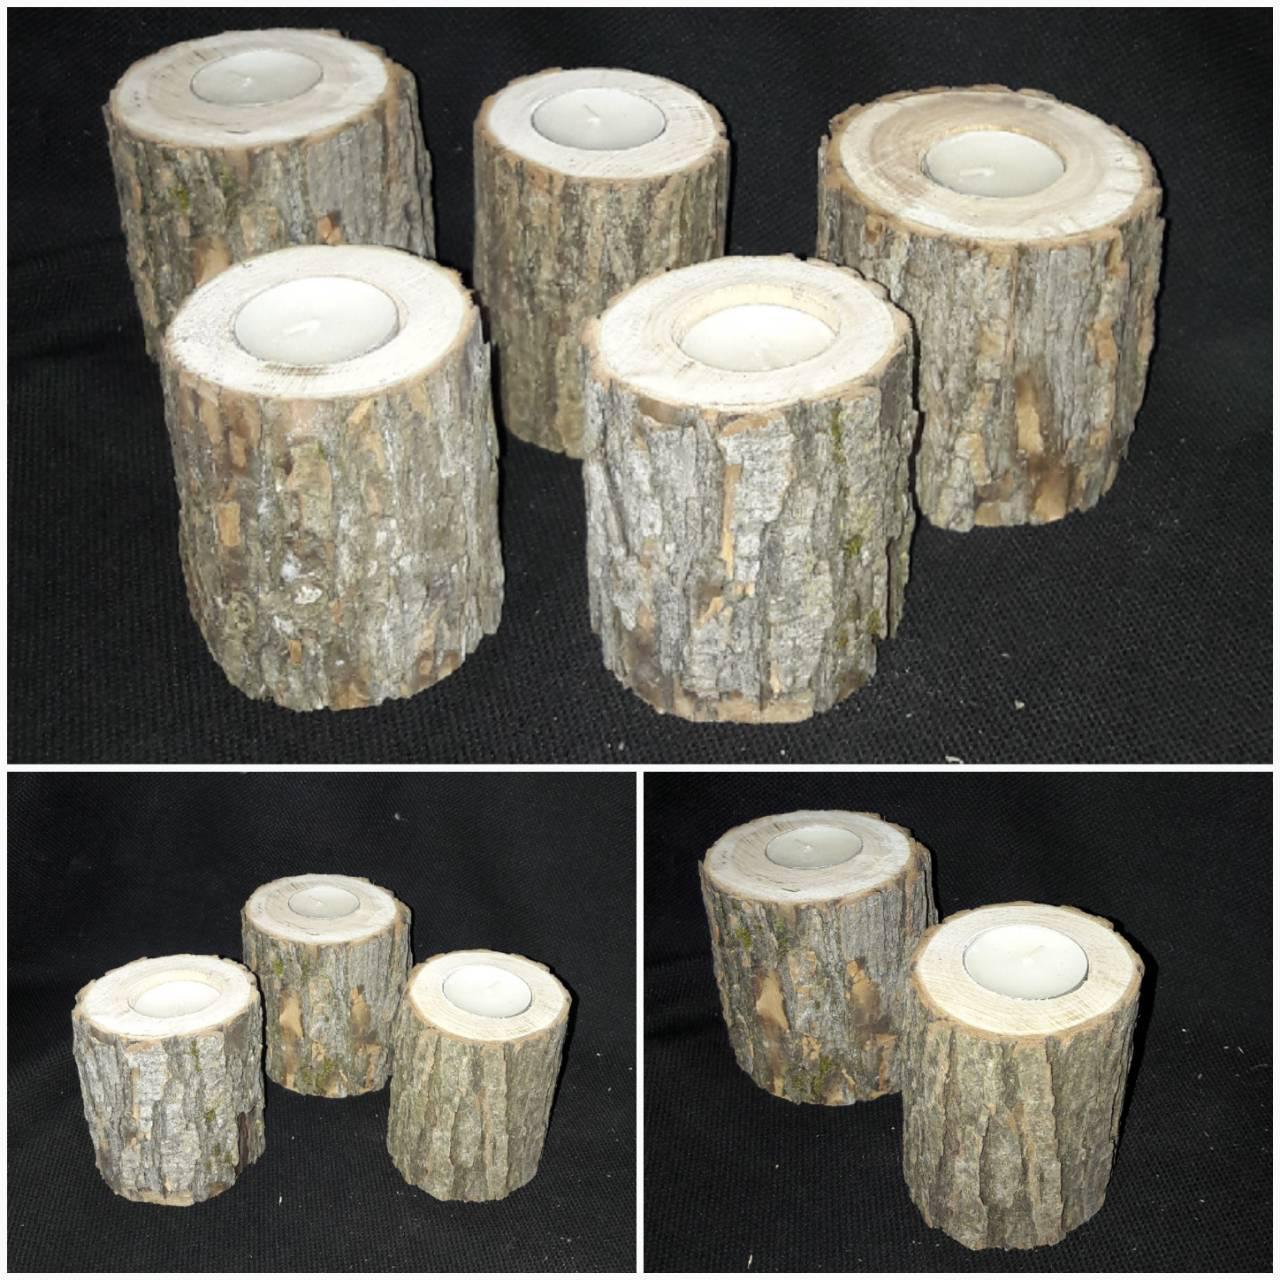 Натуральный декор - подсвечник, дерево - смерека, выс. 9-10 см, 75/55 (цена за 1 шт. + 20 гр.)